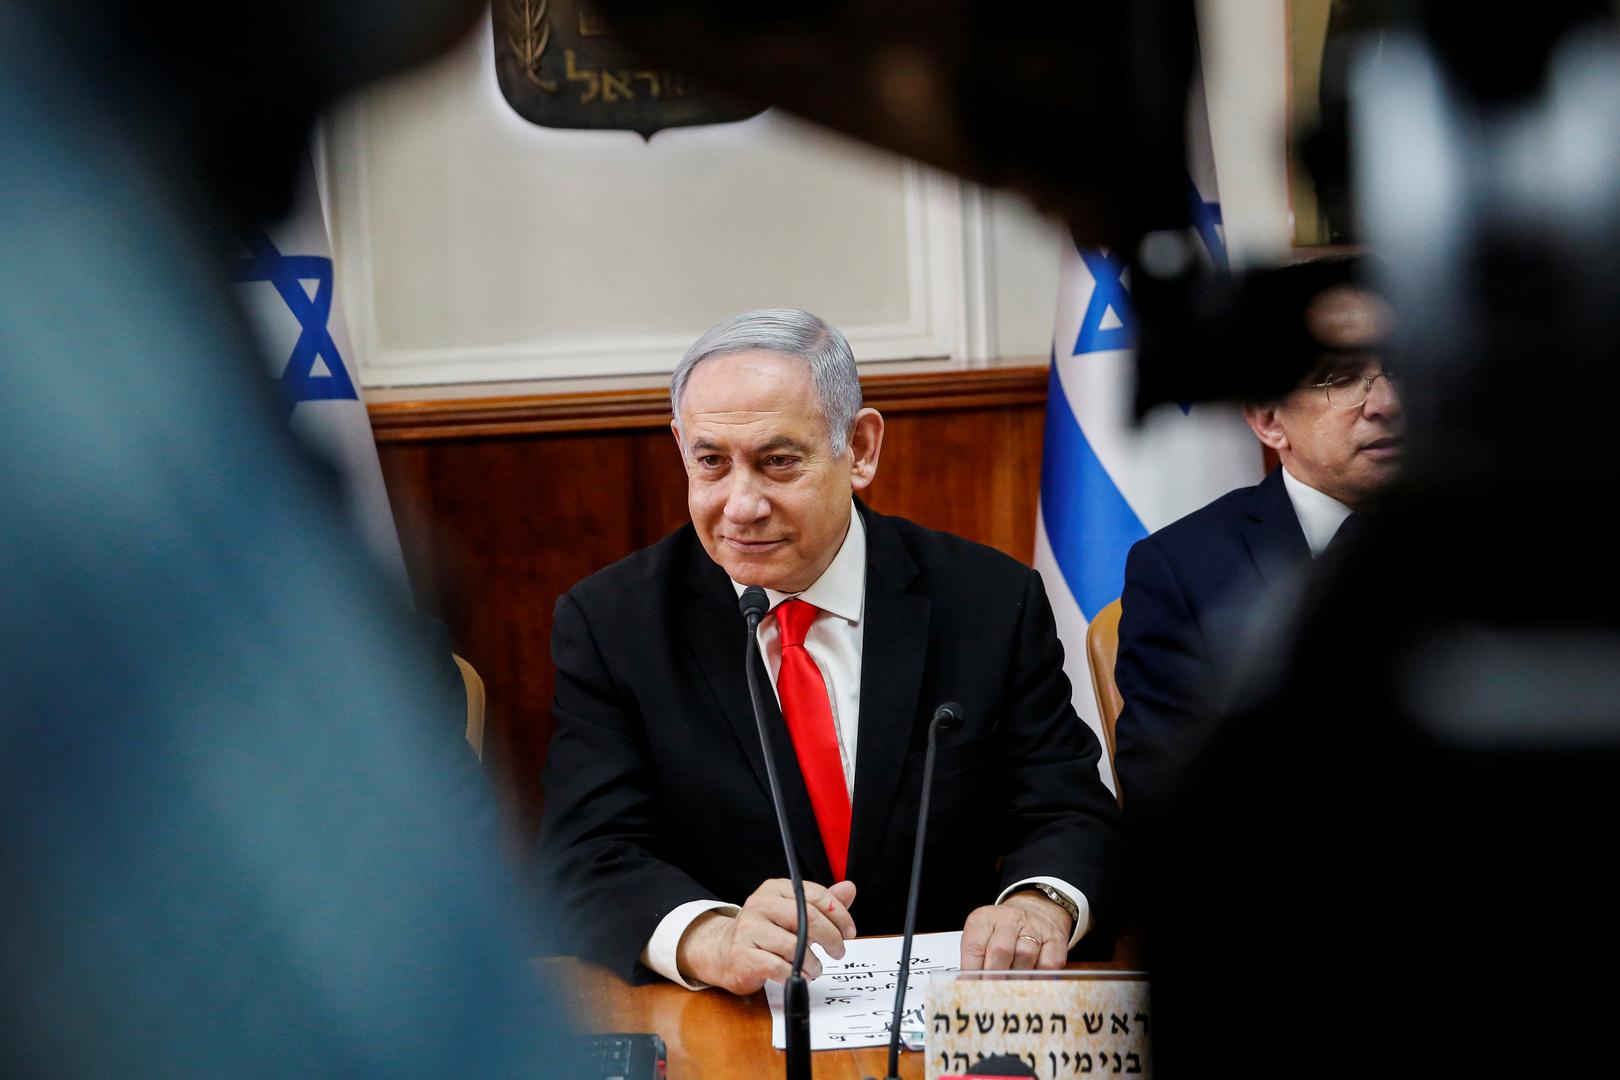 وسائل إعلام إسرائيلية: نتنياهو ألغى زيارته للإمارات